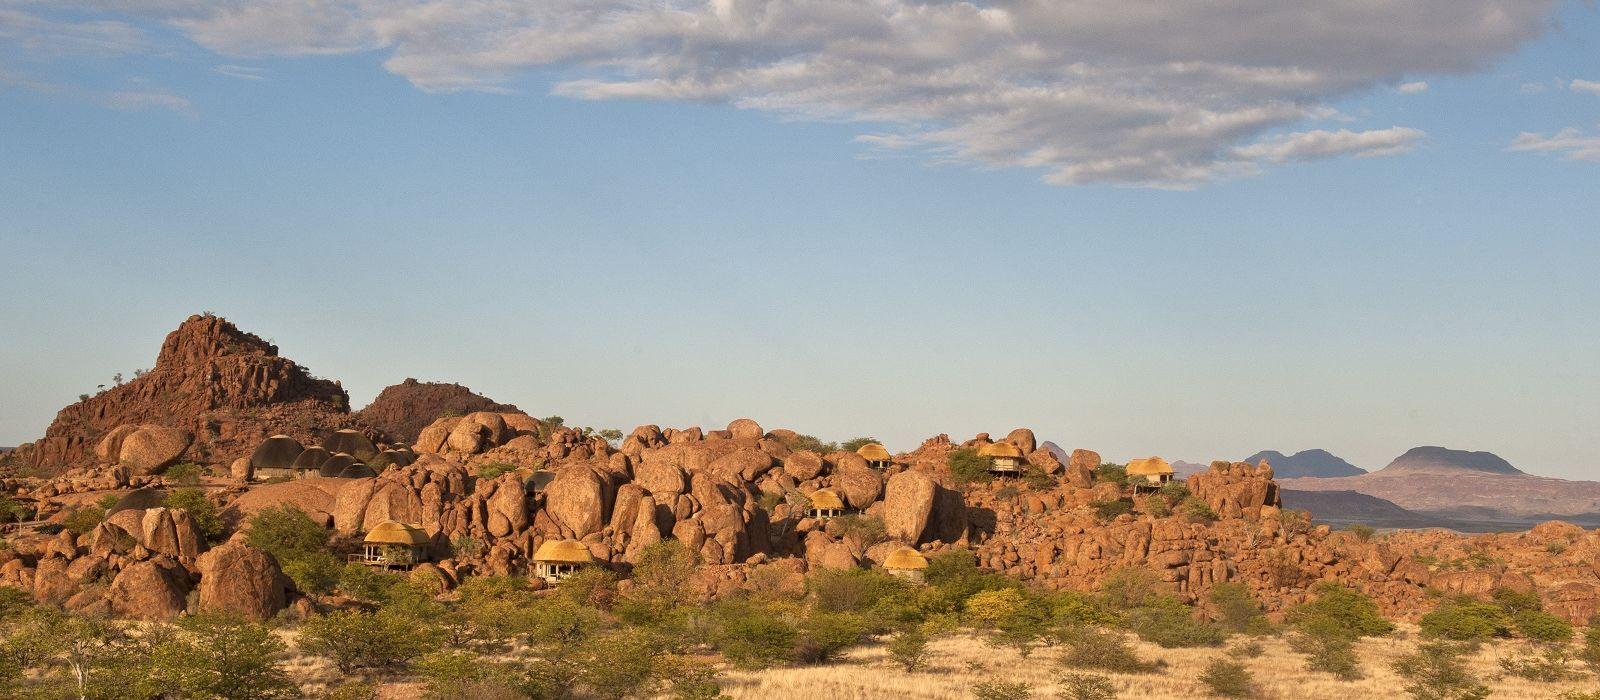 Namibia Flugreise: Die Klassiker Urlaub 6